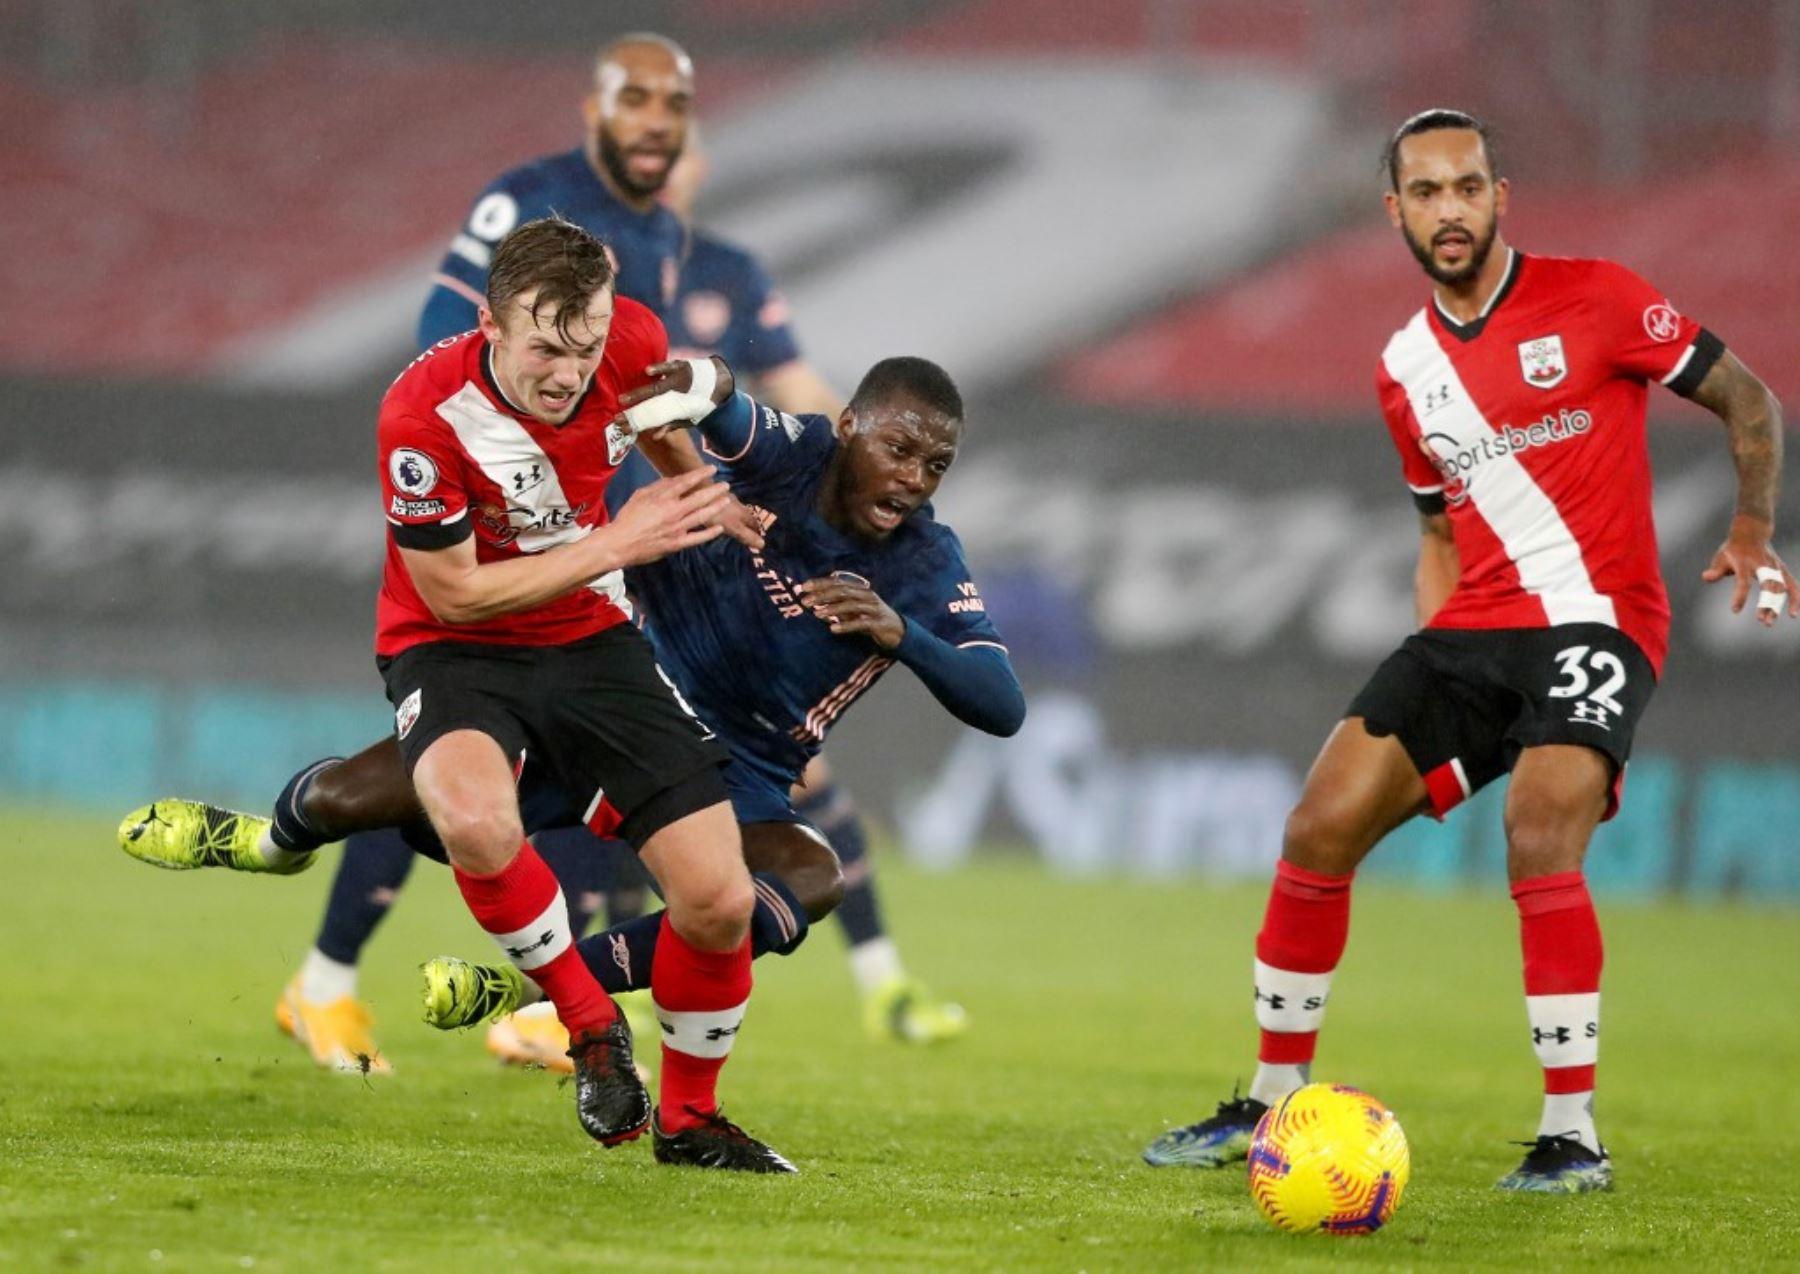 El centrocampista inglés de Southampton James Ward-Prowse (L) compite con el centrocampista marfileño nacido en Francia del Arsenal, Nicolas Pepe (C) durante el partido de fútbol de la Premier League inglesa entre Southampton y Arsenal en St Mary